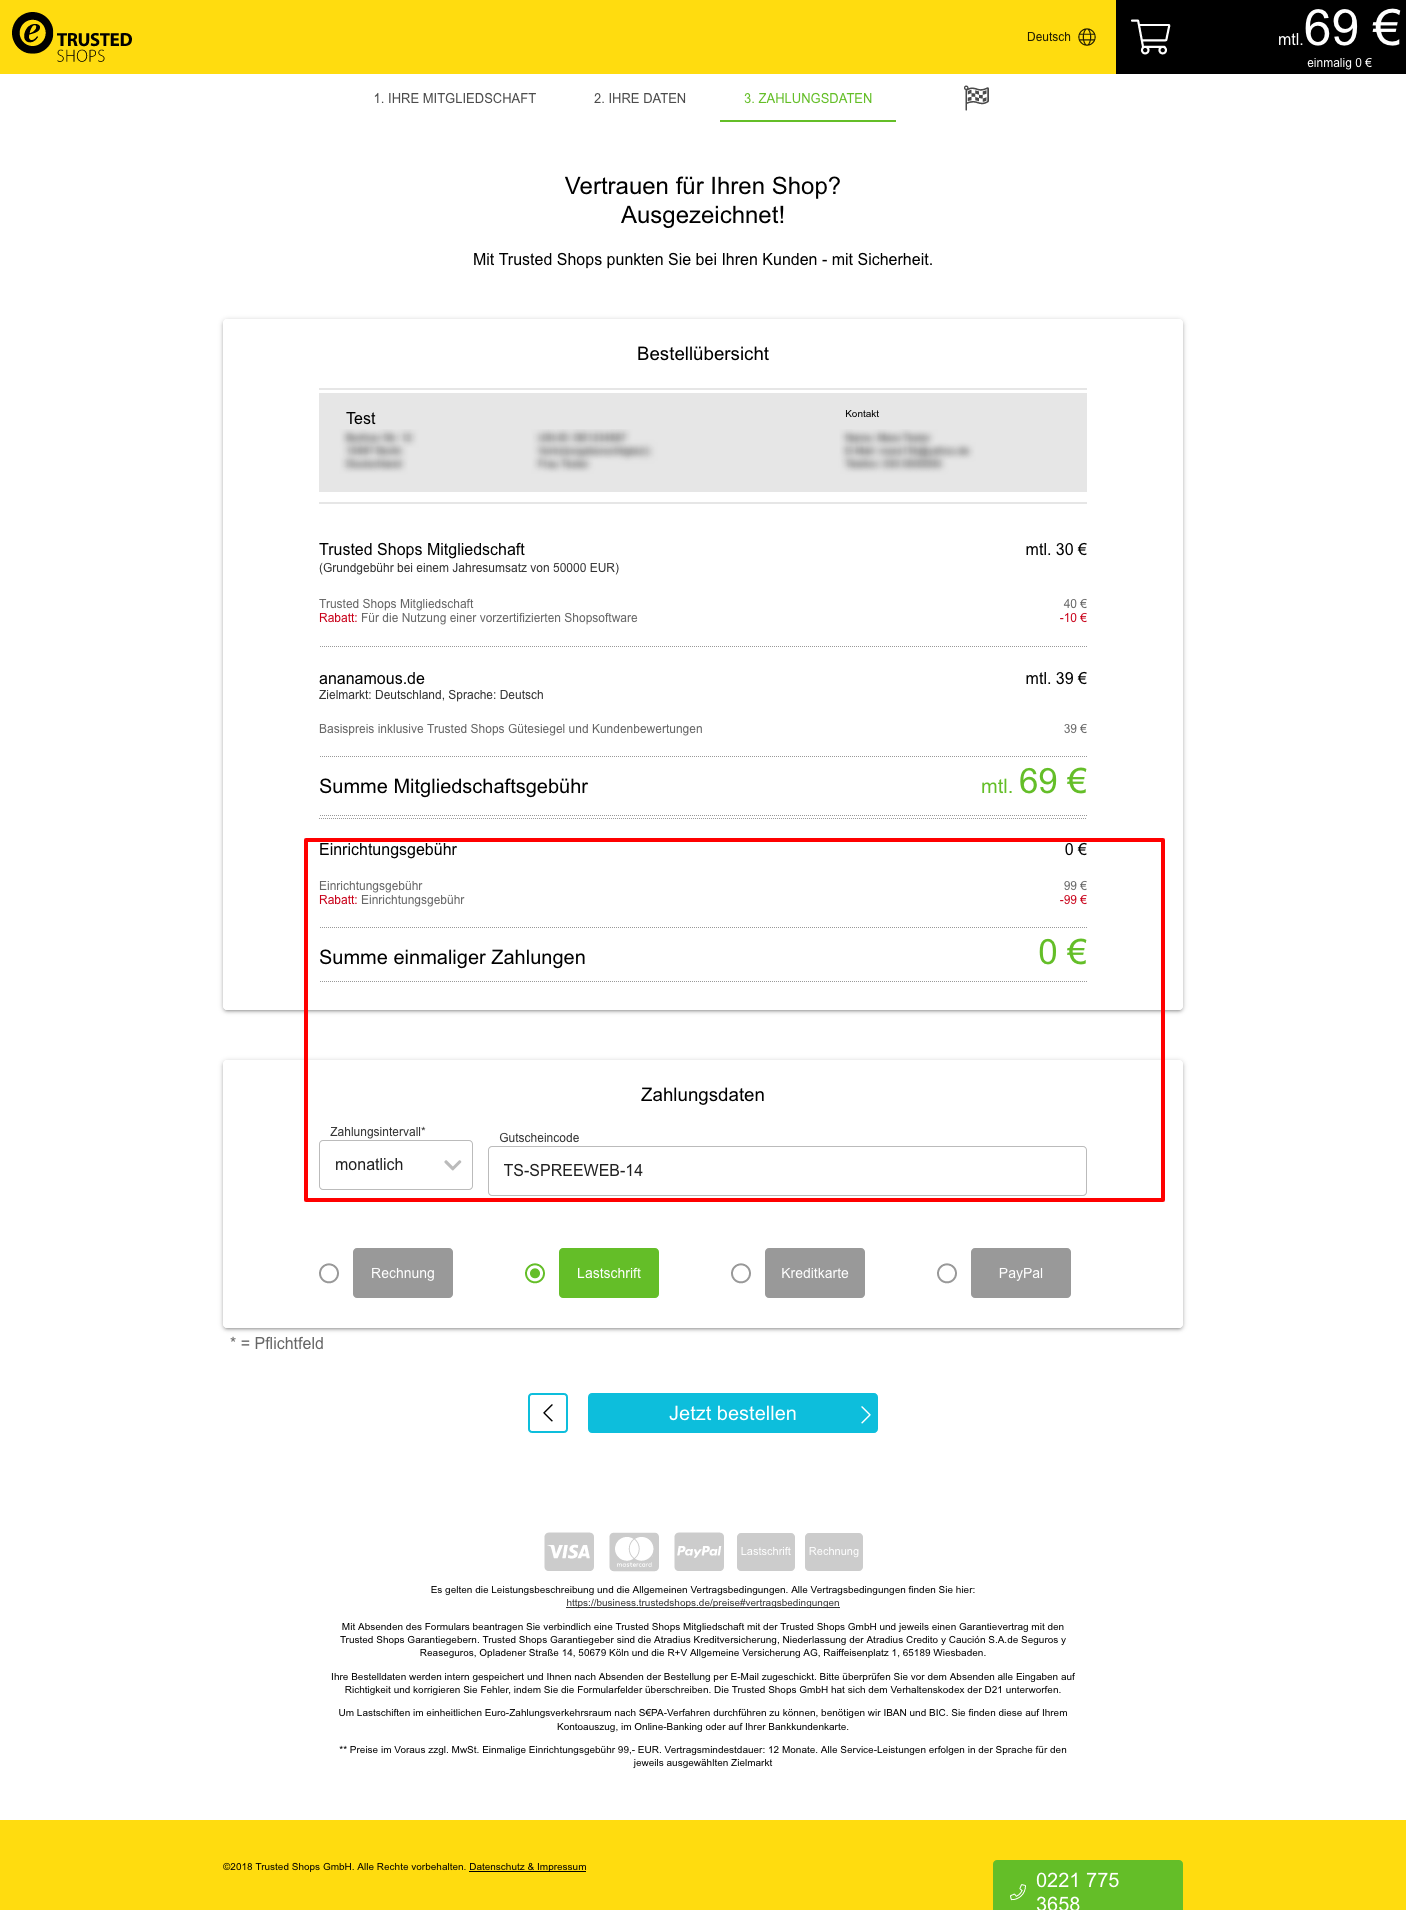 trusted shops gutscheine - jetzt bei der anmeldung angeben